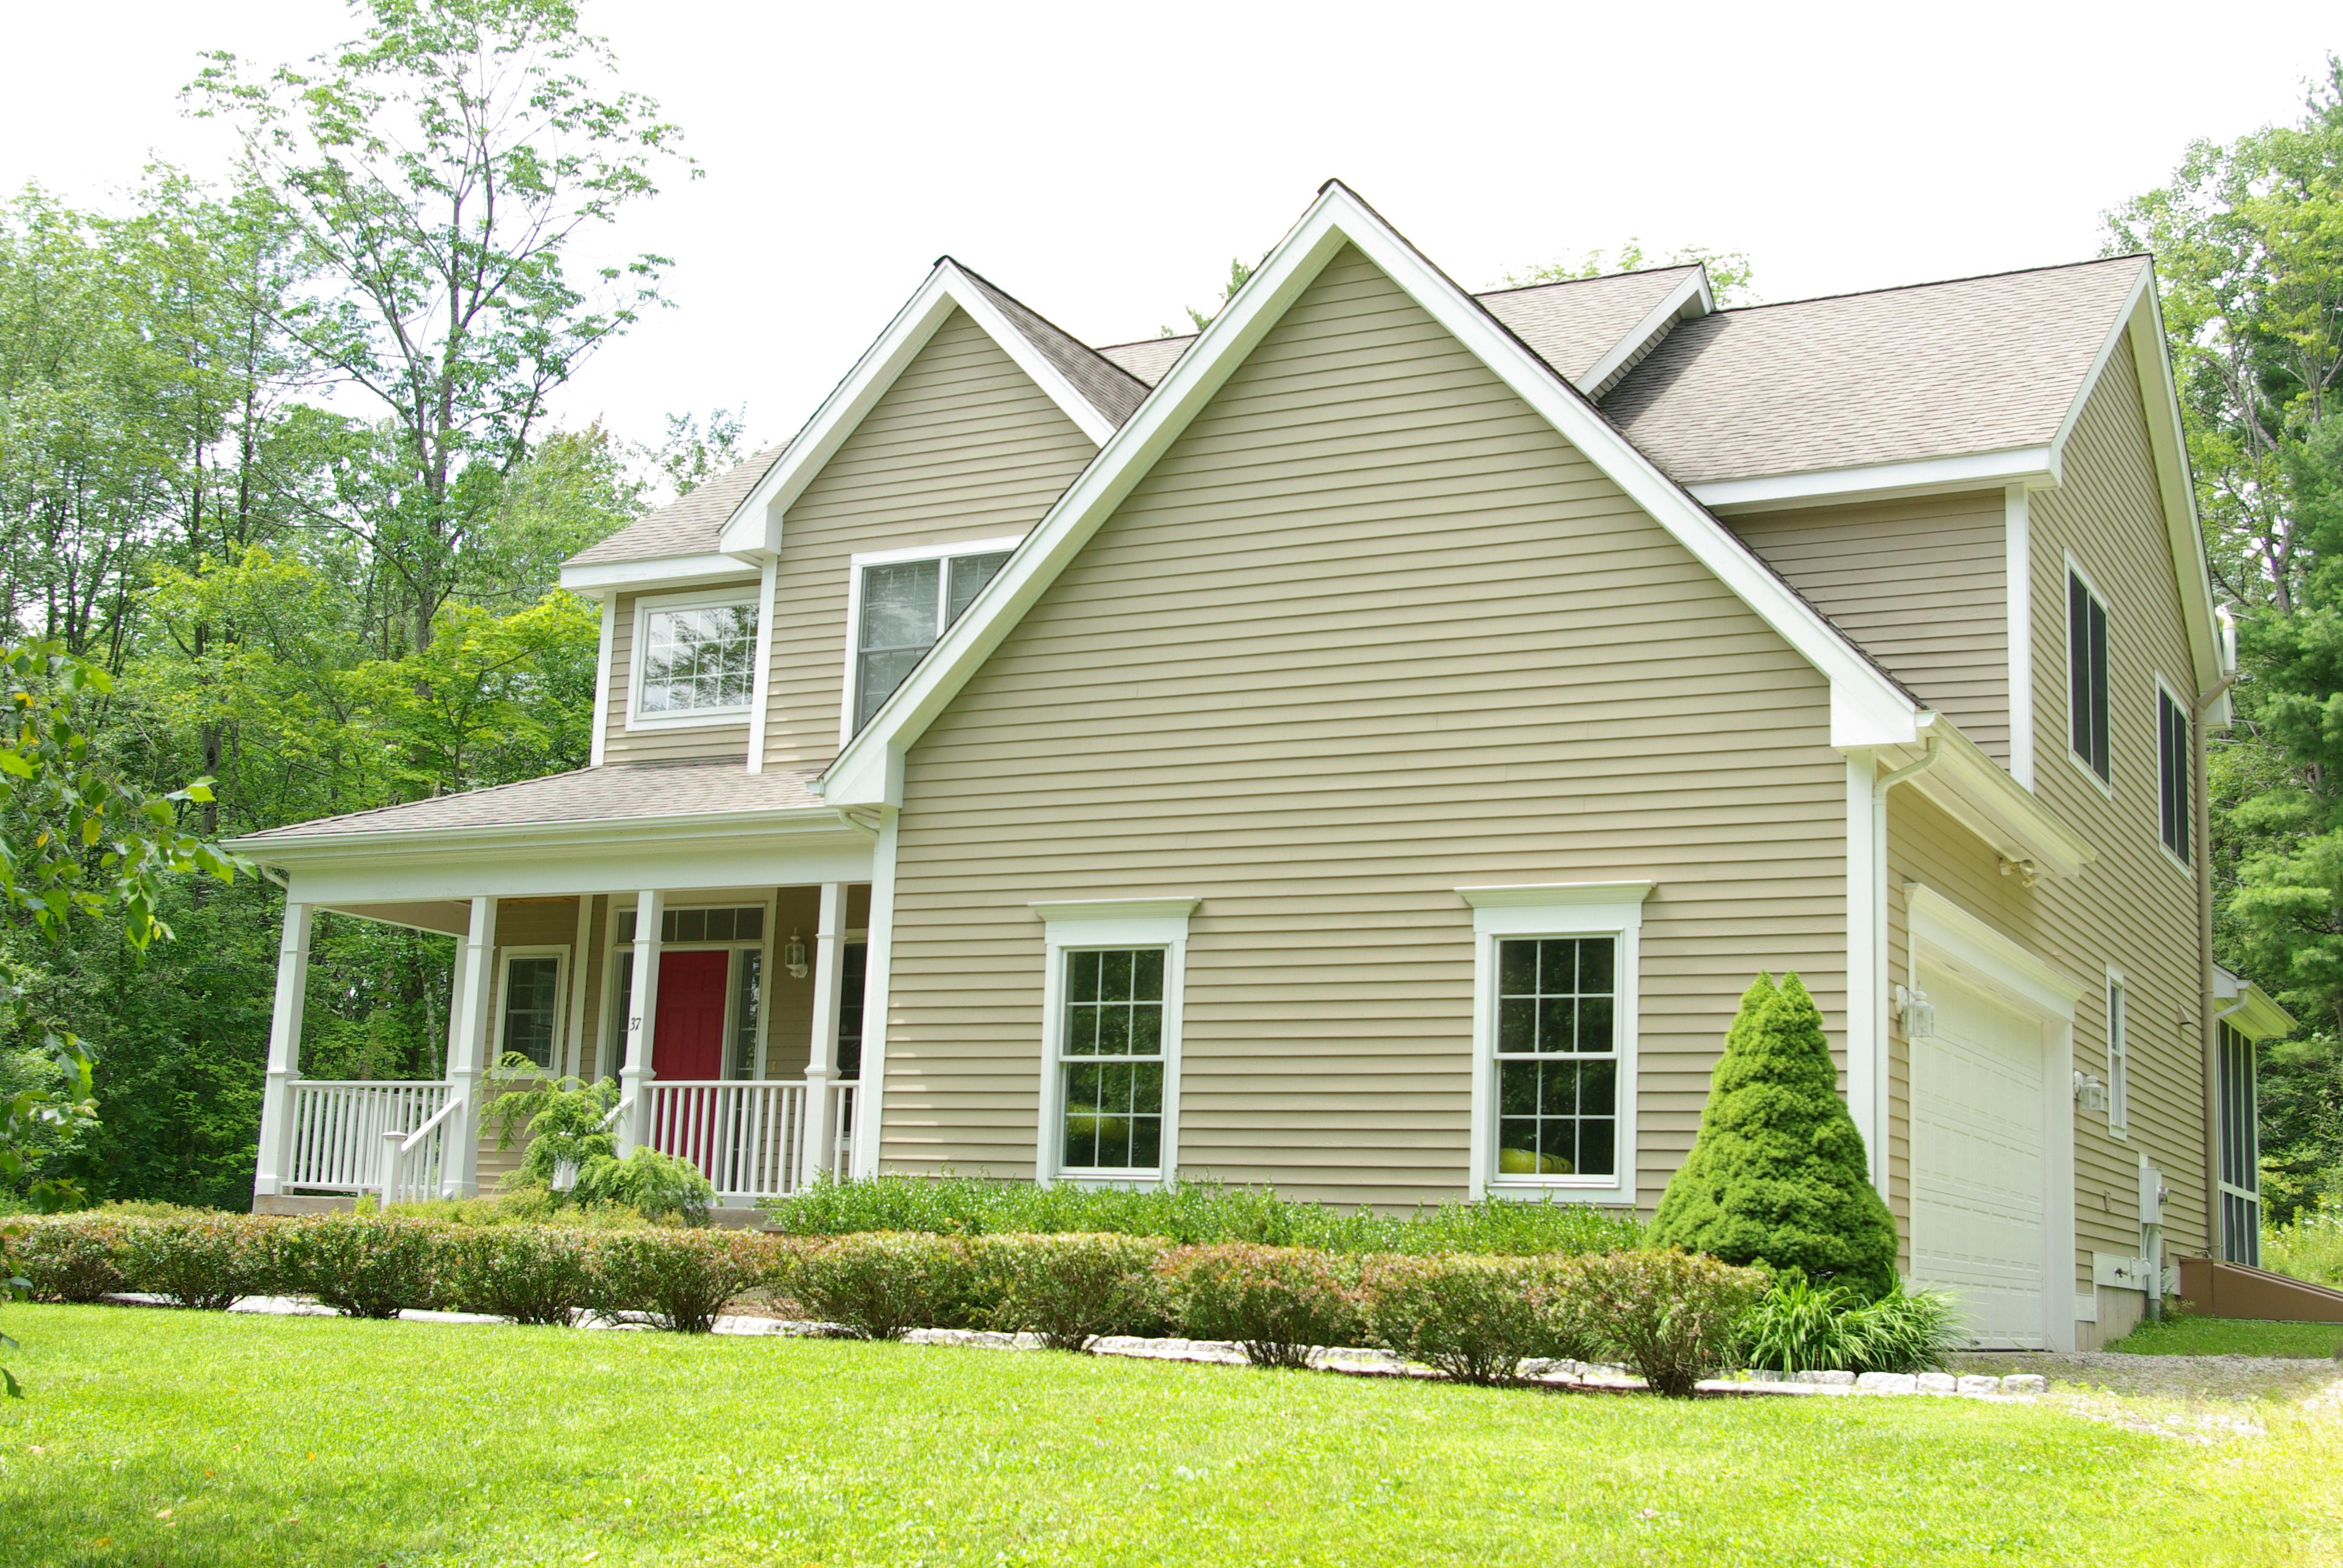 Villa per Vendita alle ore New Age Modern Country Home 37 Bentley Circle Goshen, Connecticut, 06756 Stati Uniti